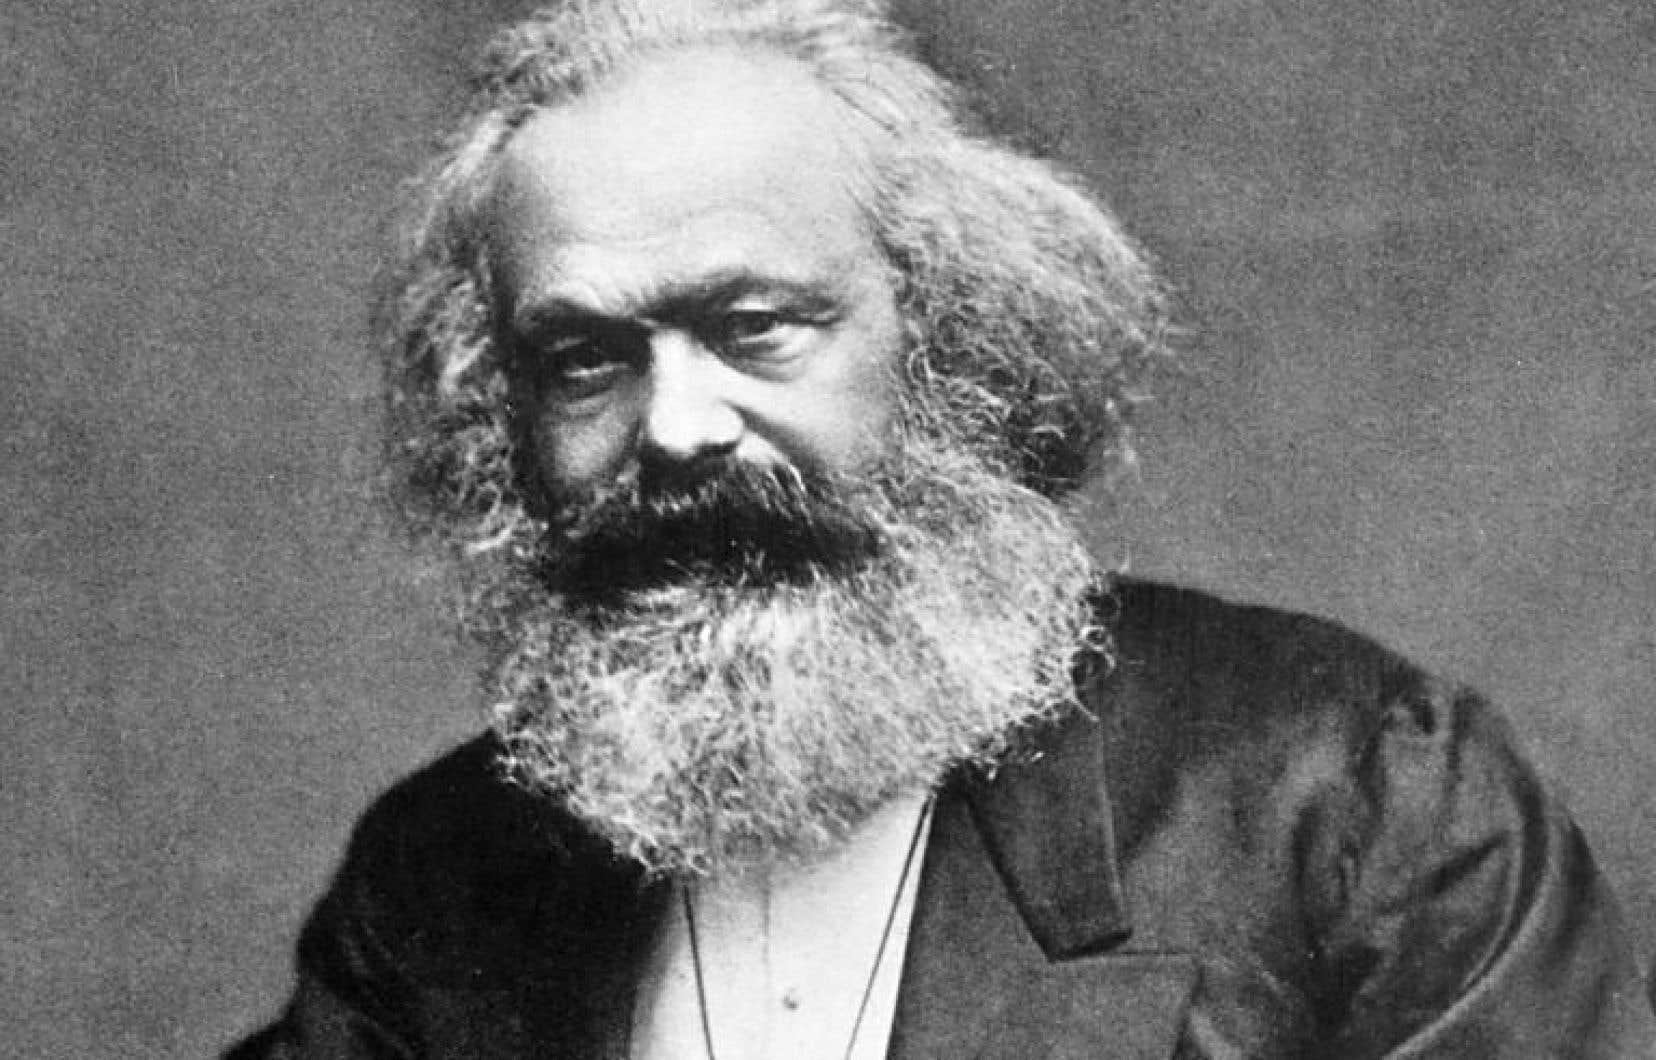 Les concepts de Marx sur le travail et le fétichisme de la marchandise semblent plus que jamais d'actualité.